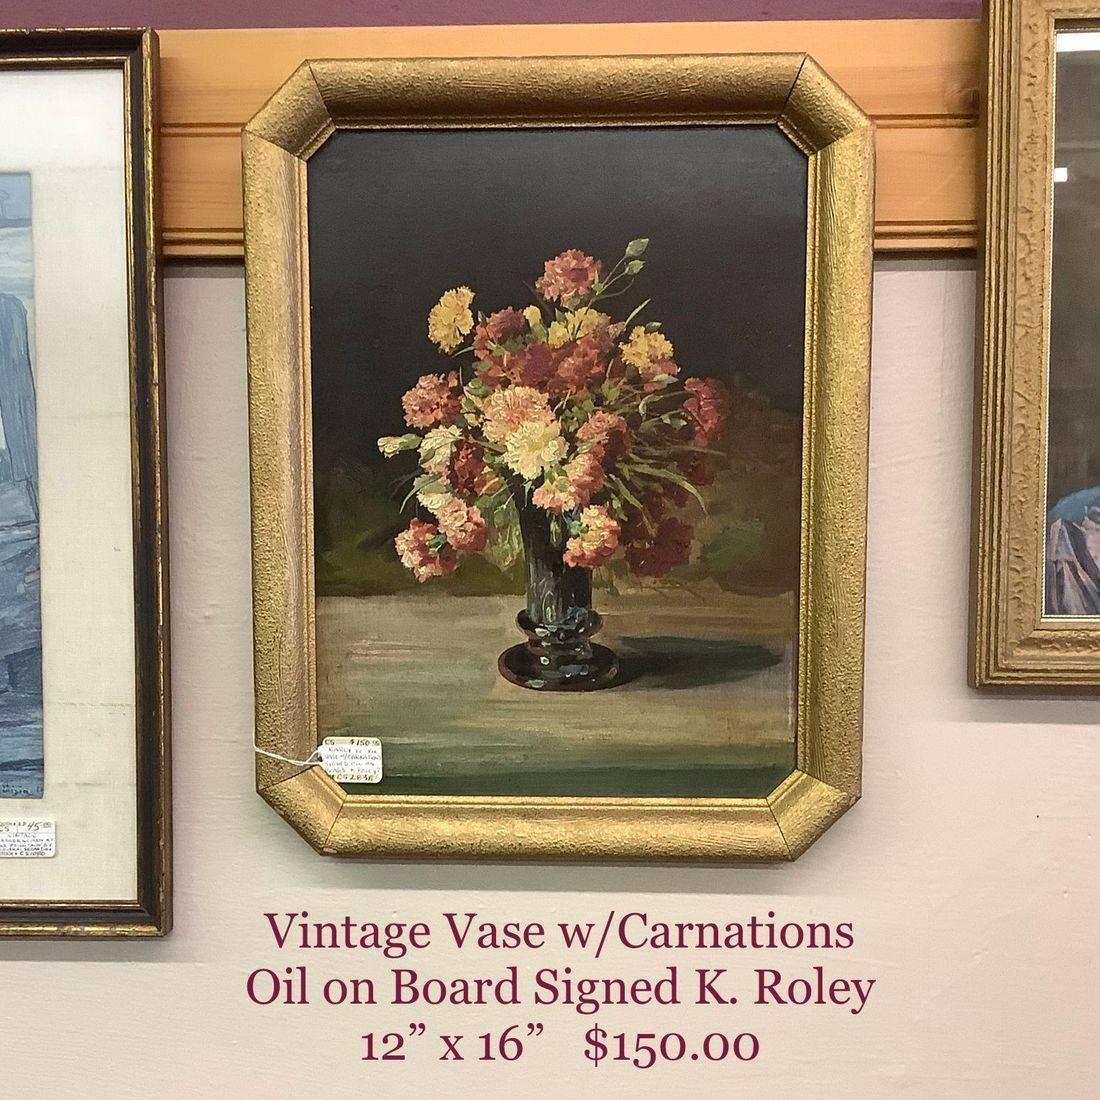 Vintage Vase w/Carnations Oil on Board signed K. Roley